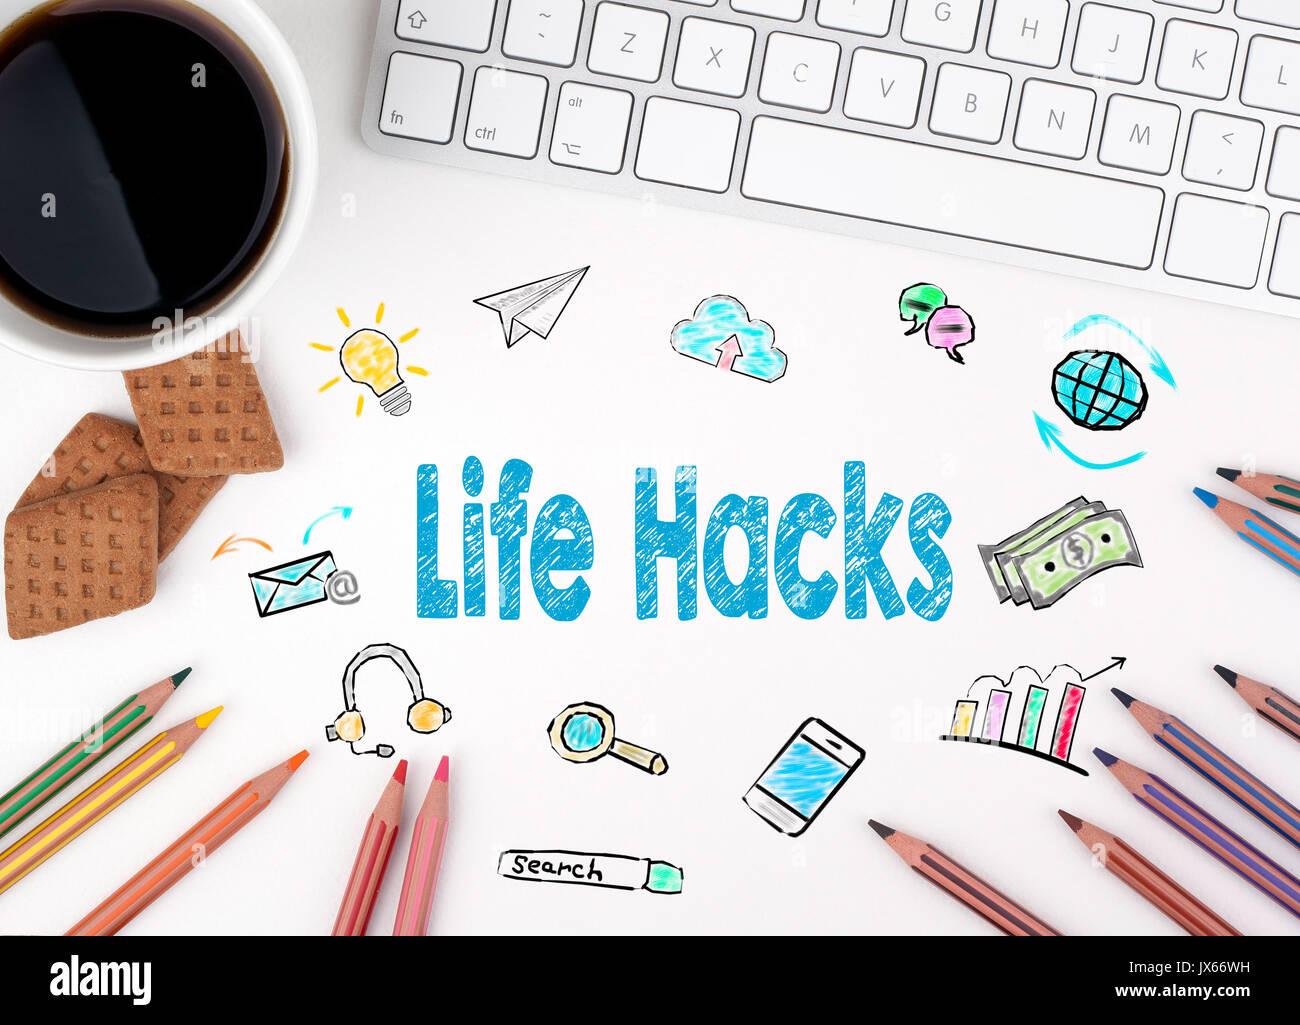 Leben Hacks. Computer, Tastatur und eine Kaffeetasse auf einem weißen Tisch Stockbild